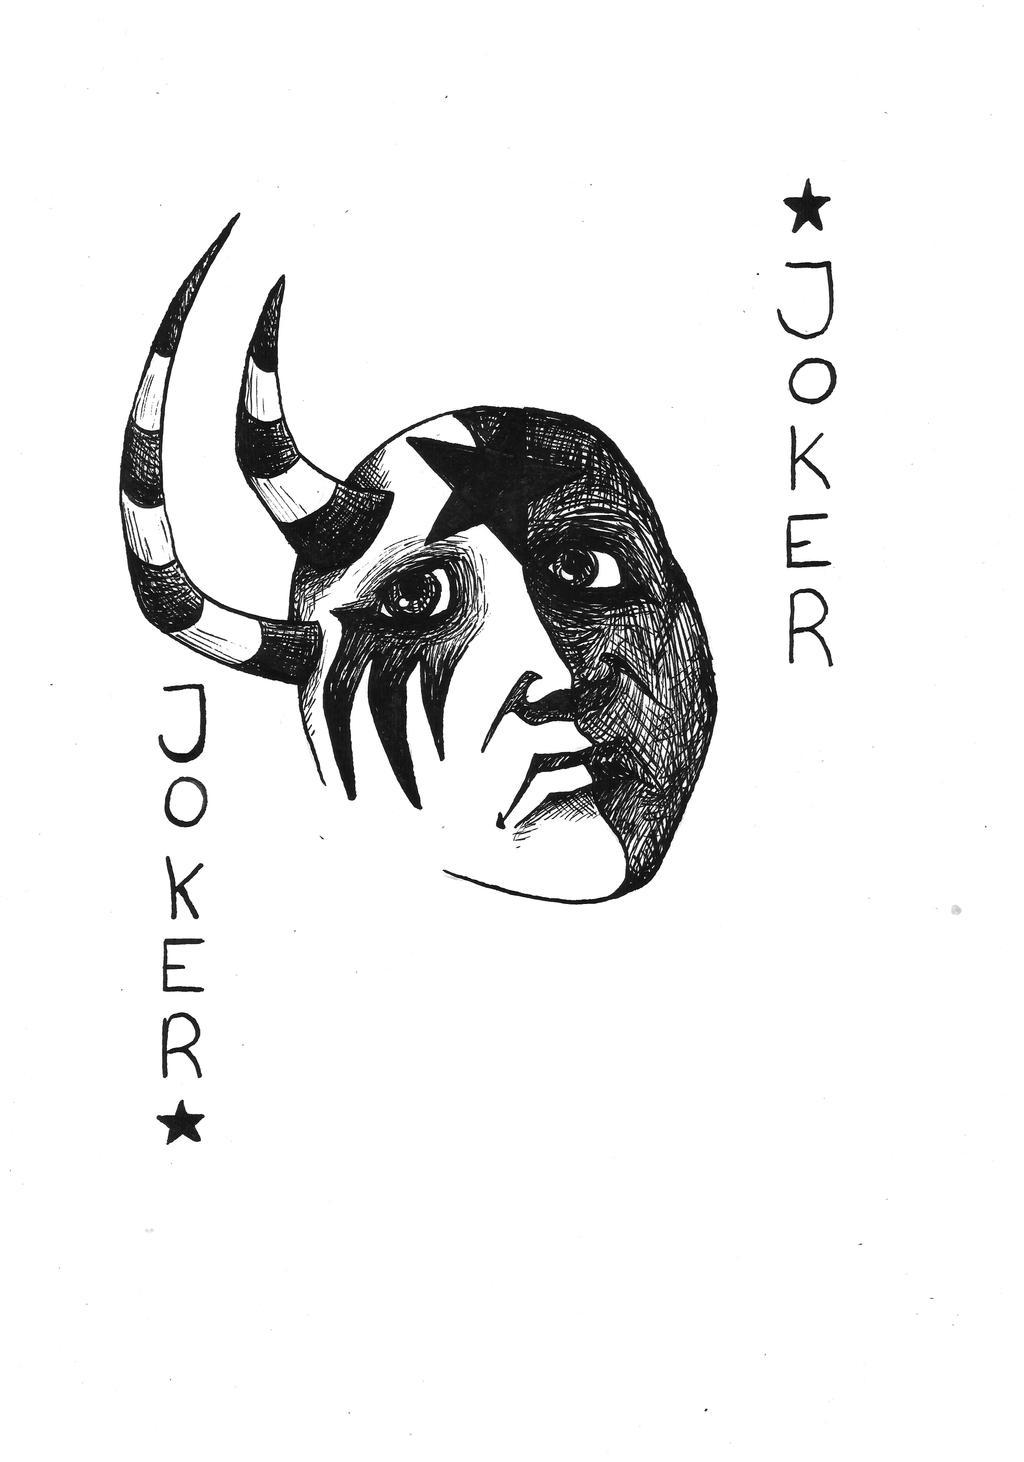 Joker (idea) by Fallmusic